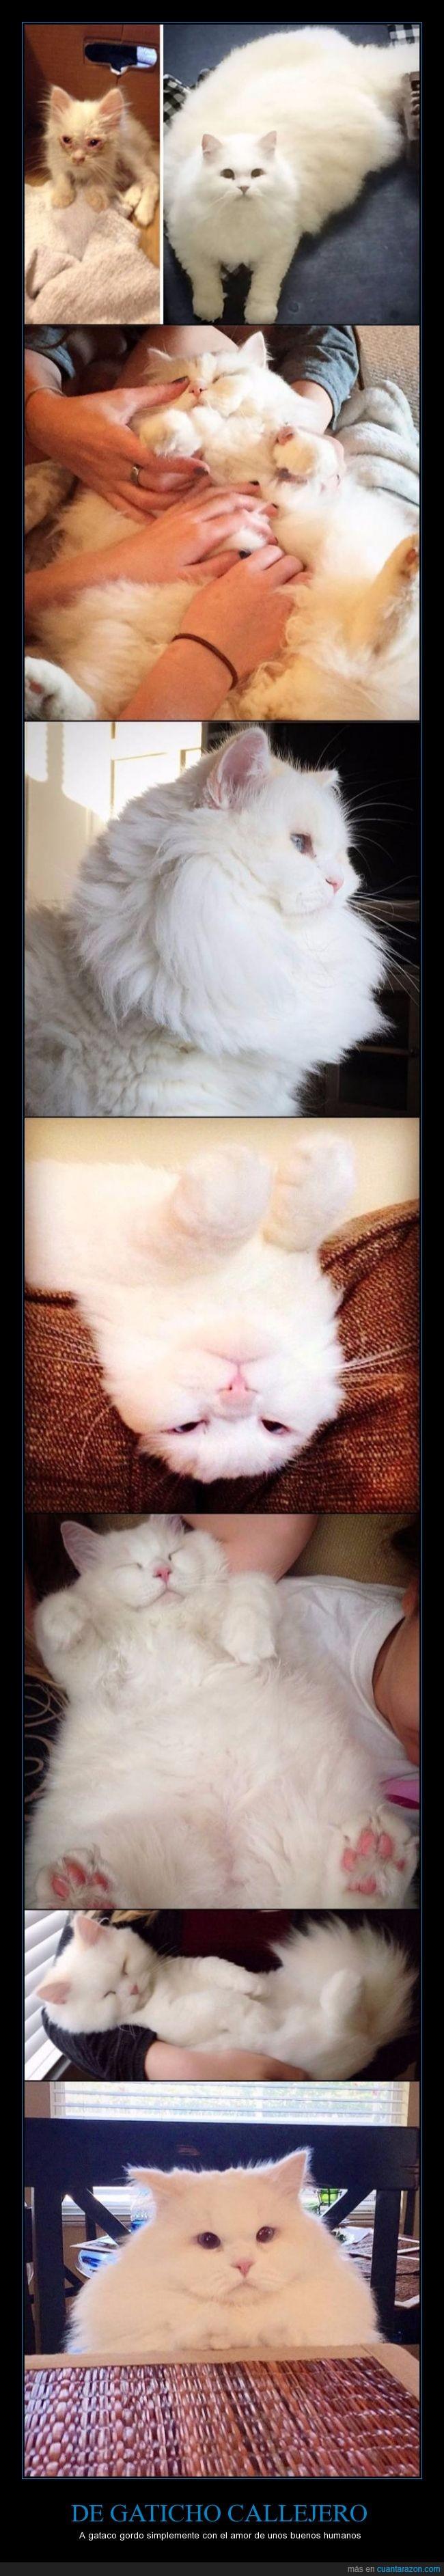 blanco,gato,gordo,pelo,peludo,rescatar,rescate,salvar